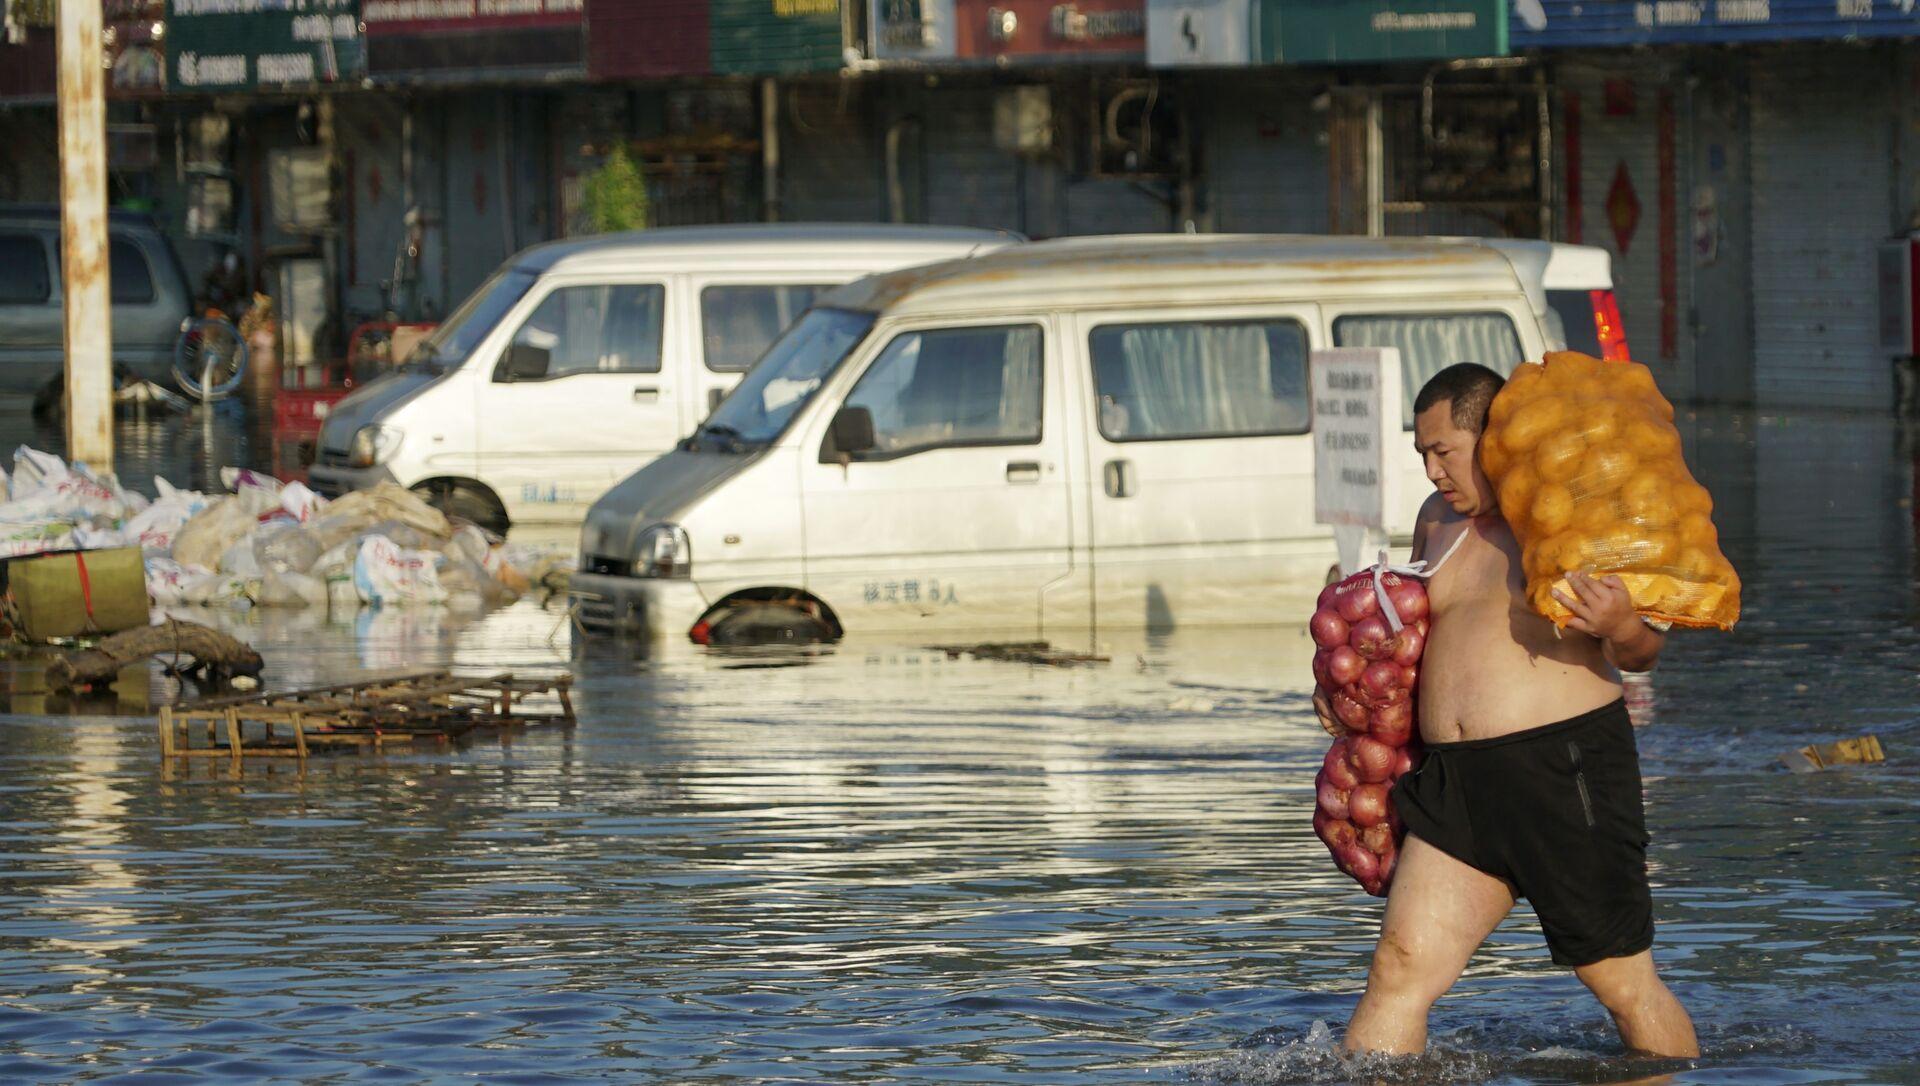 Çin'de sel felaketi: Ölü sayısı 90'ı aştı - Sputnik Türkiye, 1920, 29.07.2021